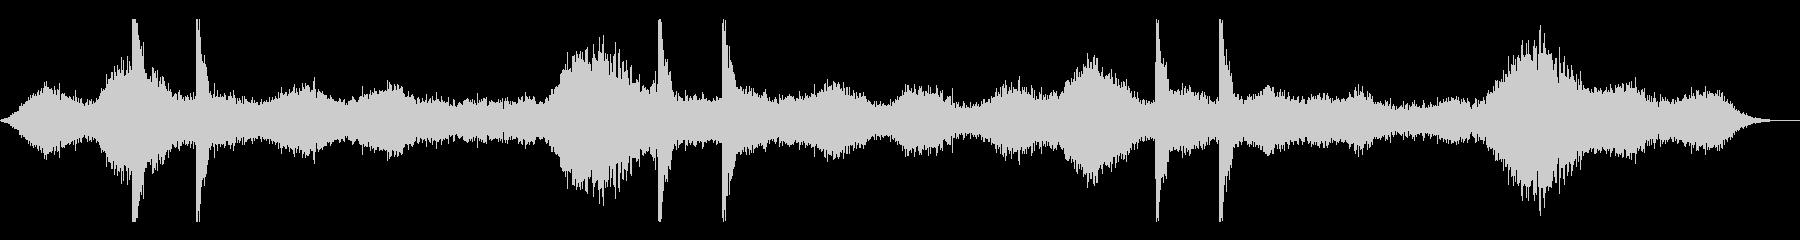 ダークファンタジー系アンビエントの未再生の波形